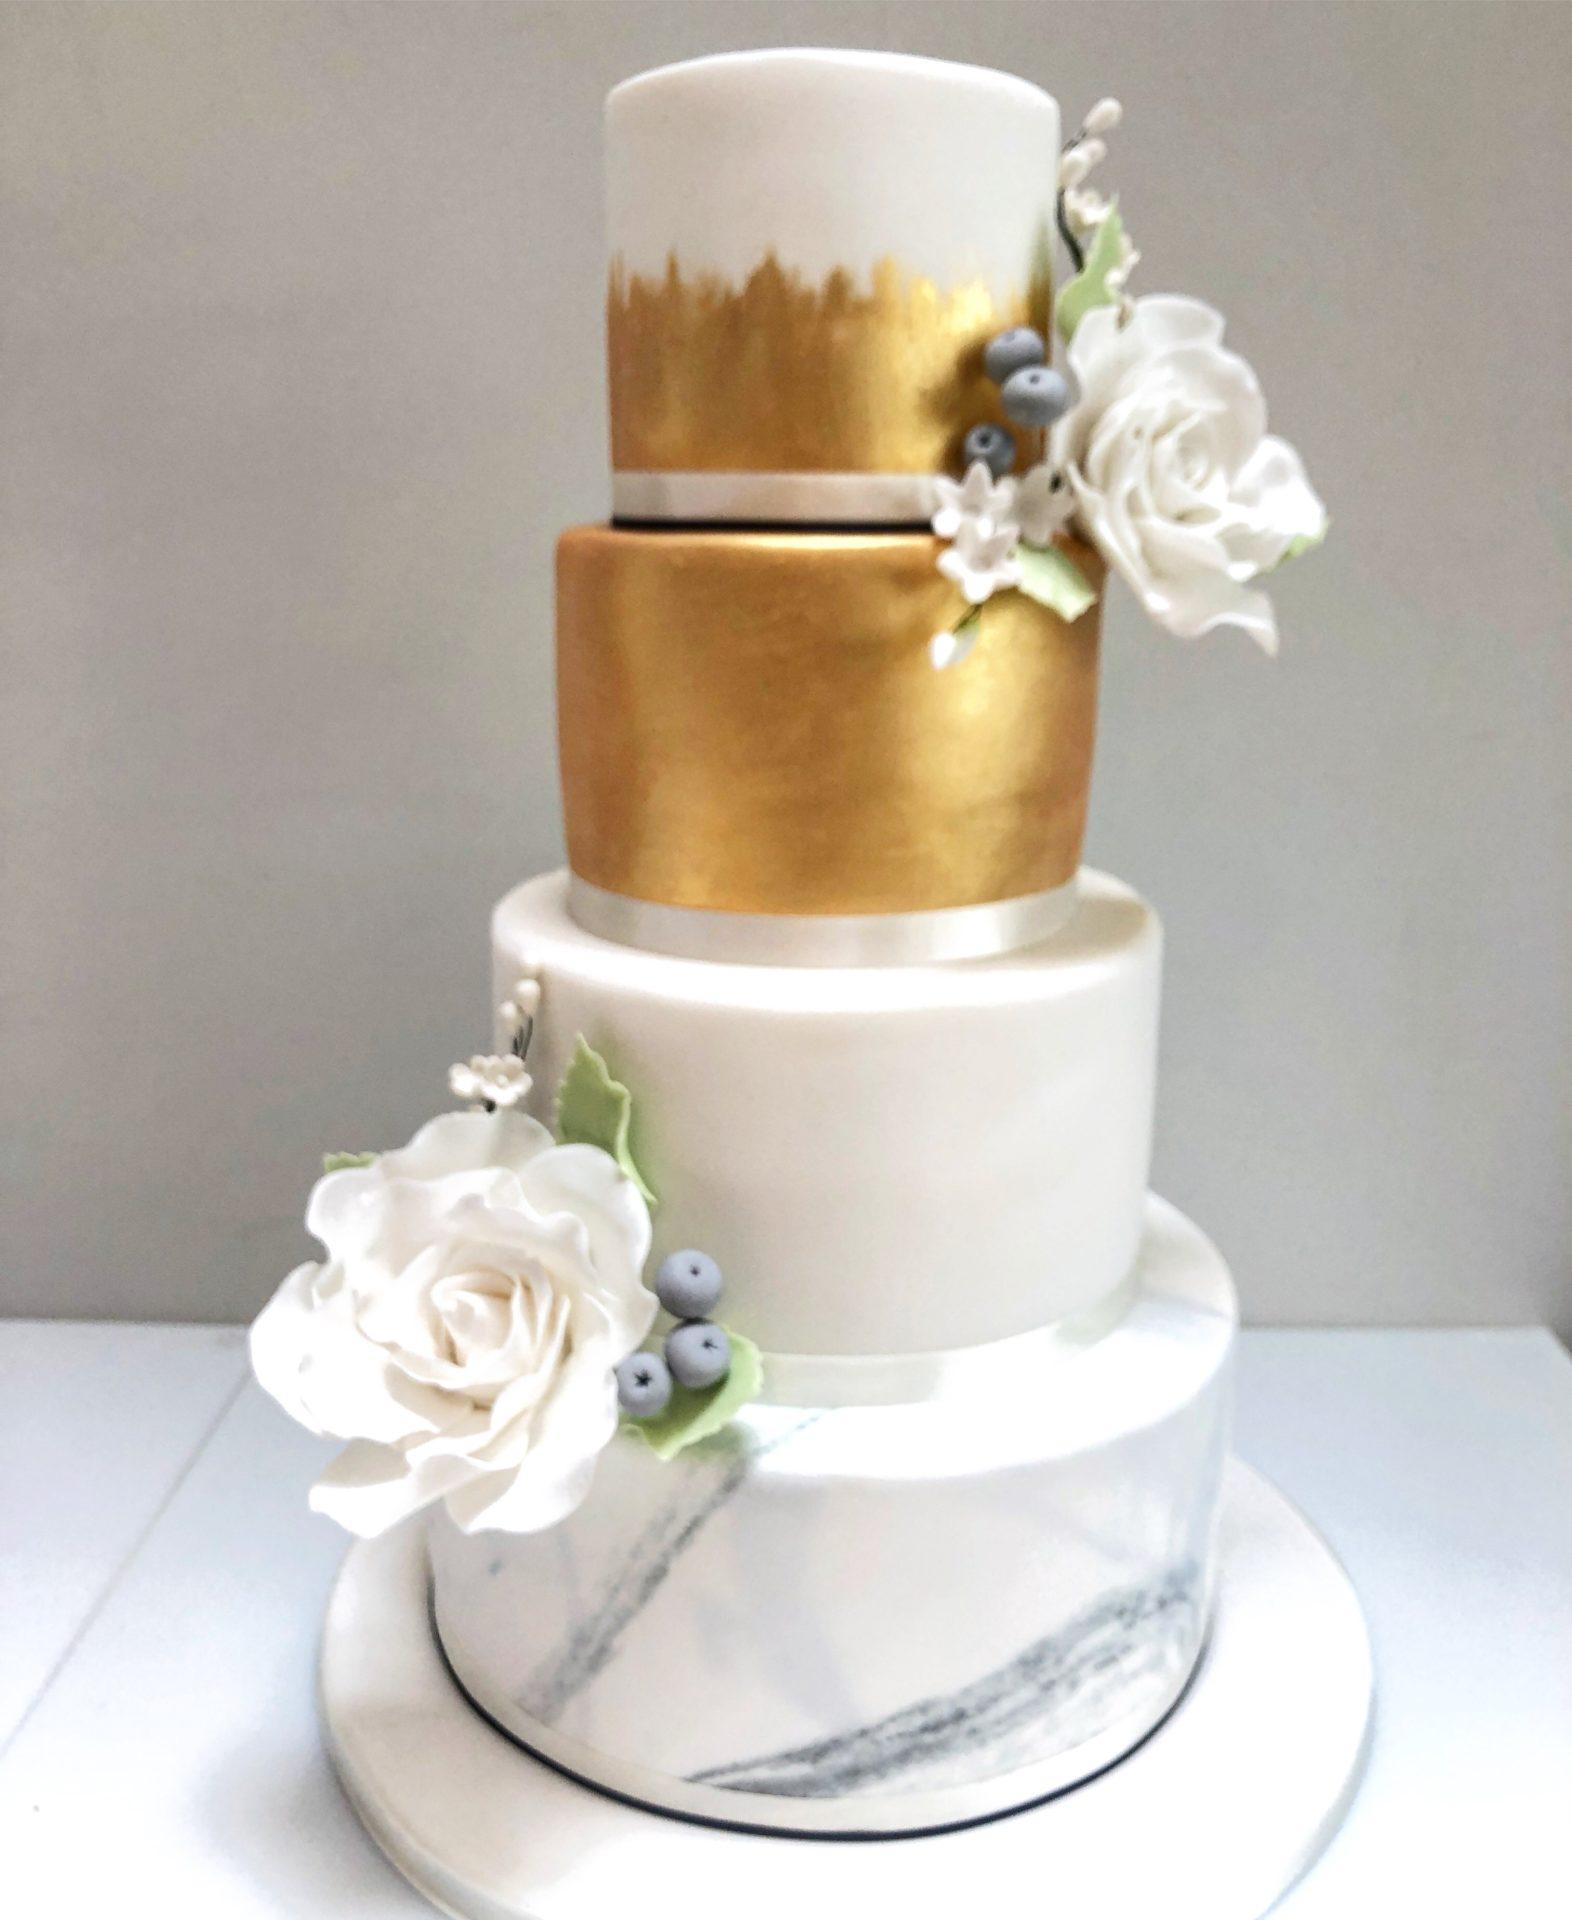 Marble Wedding Cake London Etoile Bakery